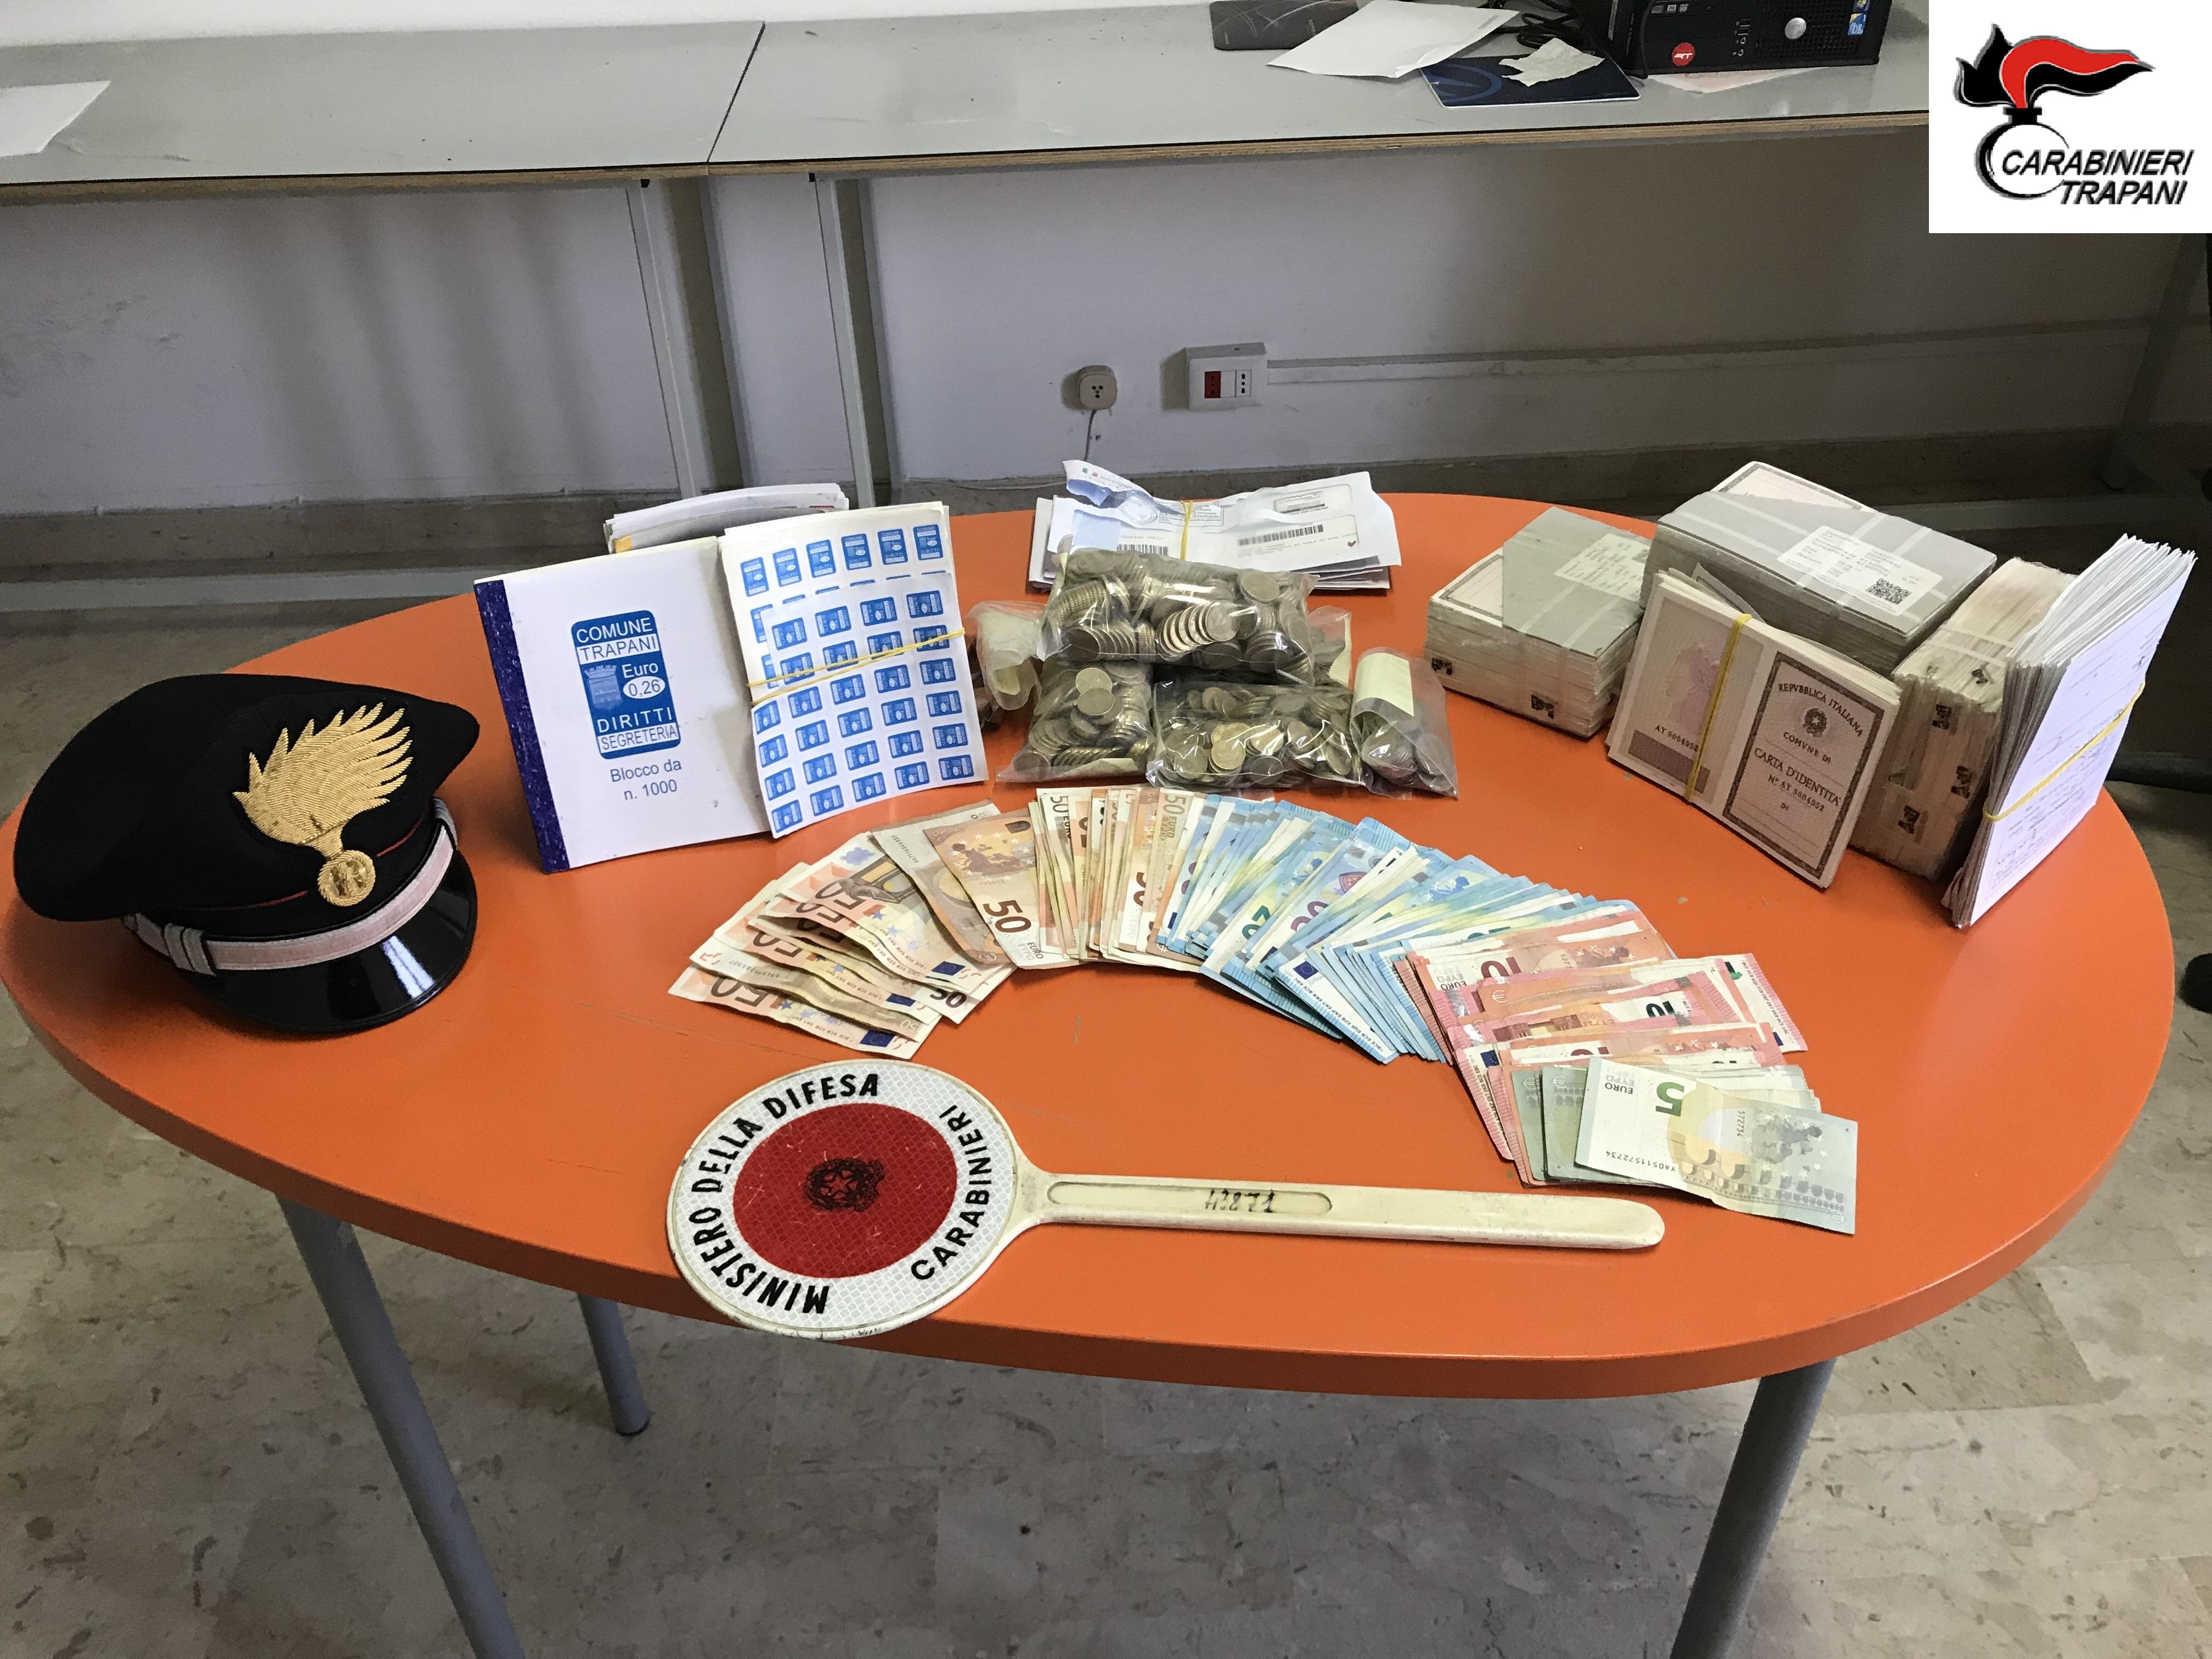 Rubarono una cassaforte al Comune di Trapani, tre arresti